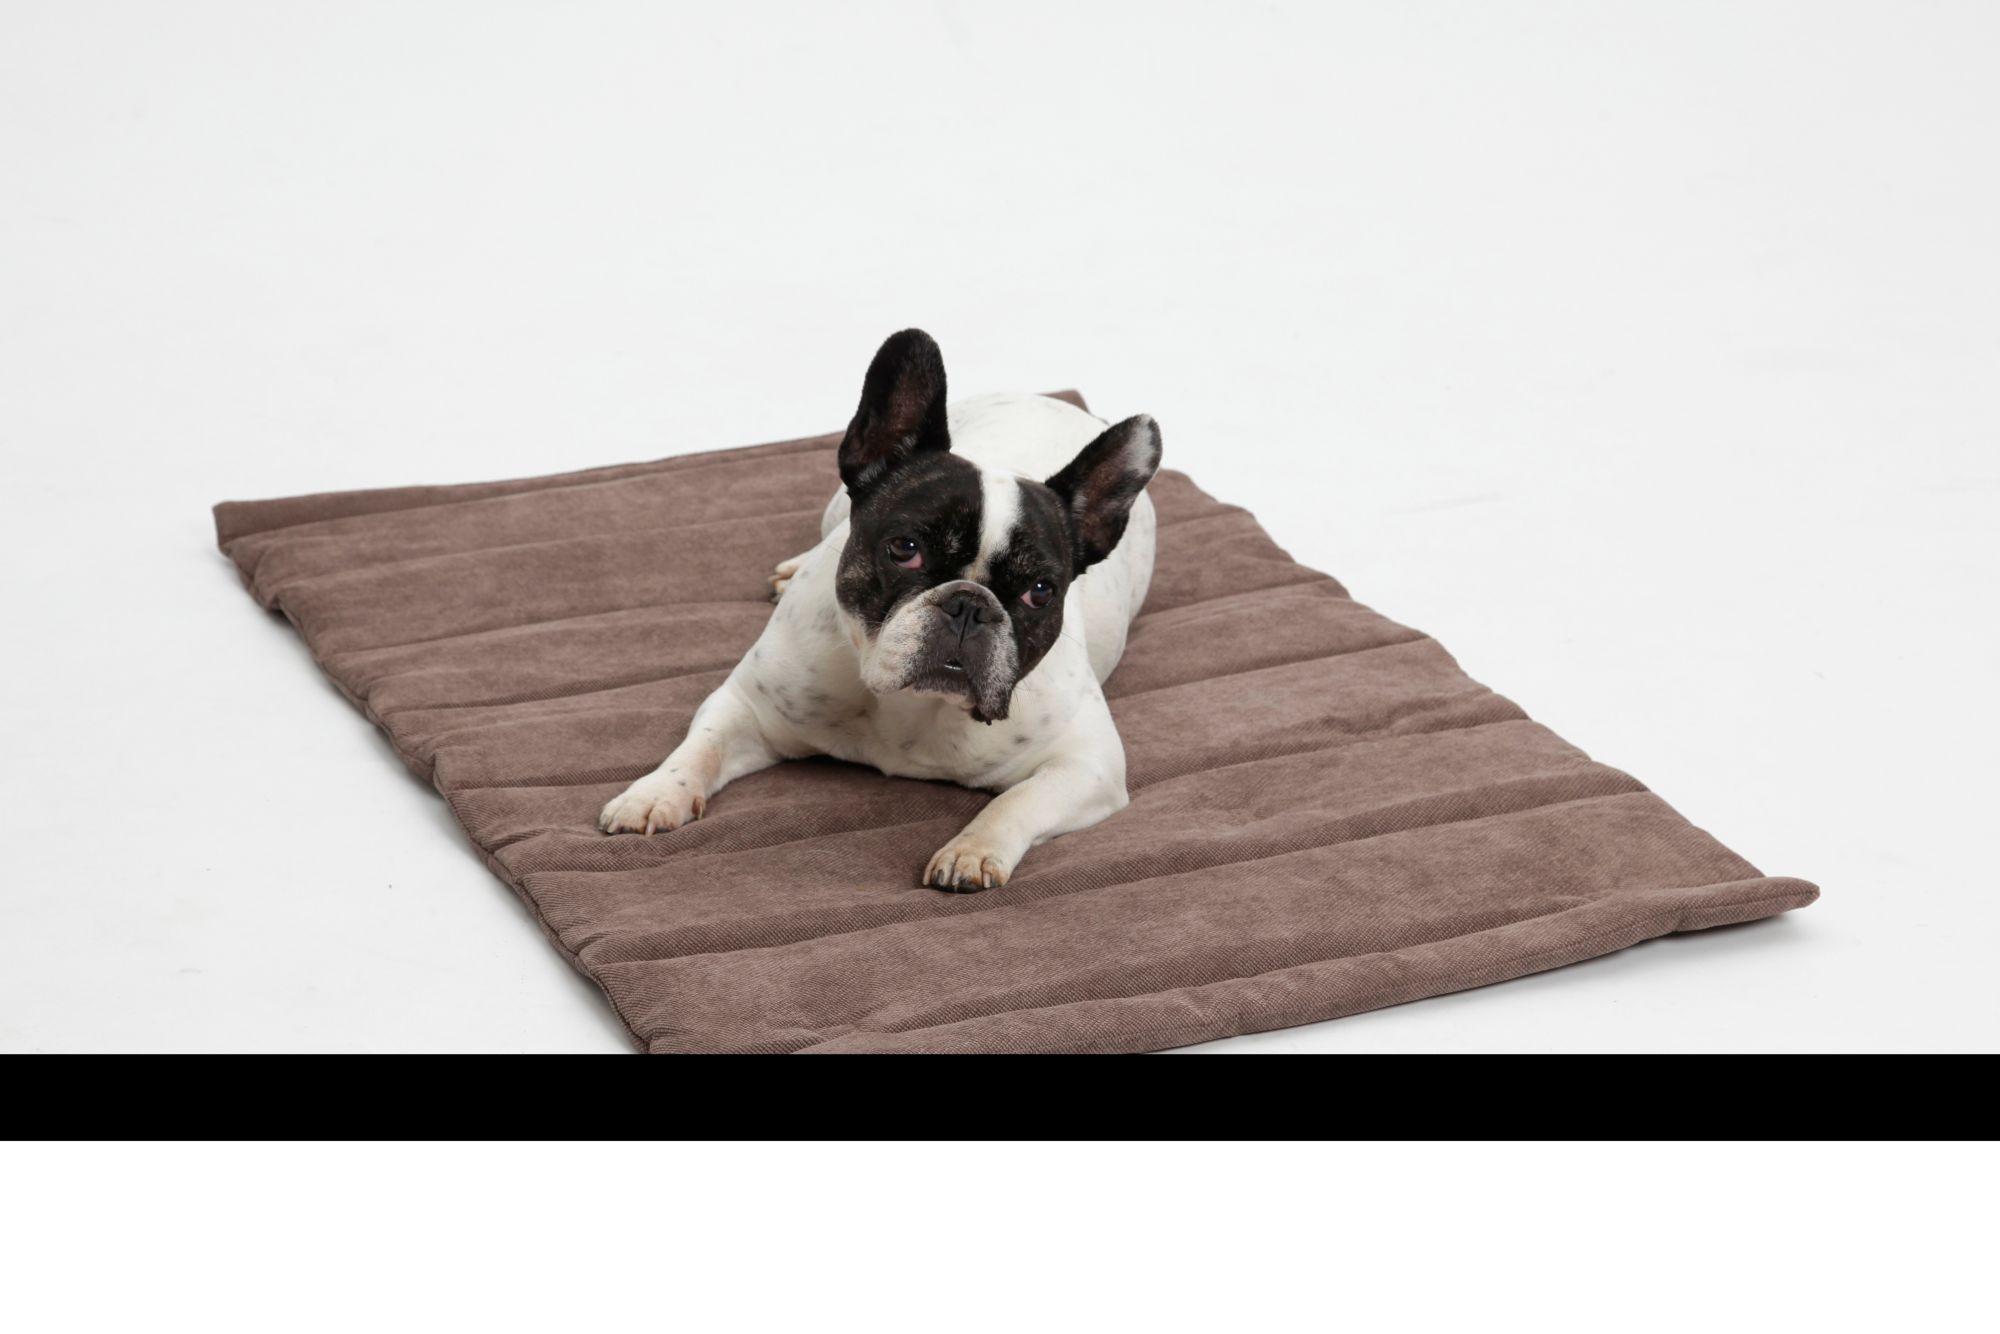 DOGS IN THE CITY Hundedecke und Katzendecke »Mat Madison«, Reisedecke mit Tragegriff, LxB: 55x75 cm, braun